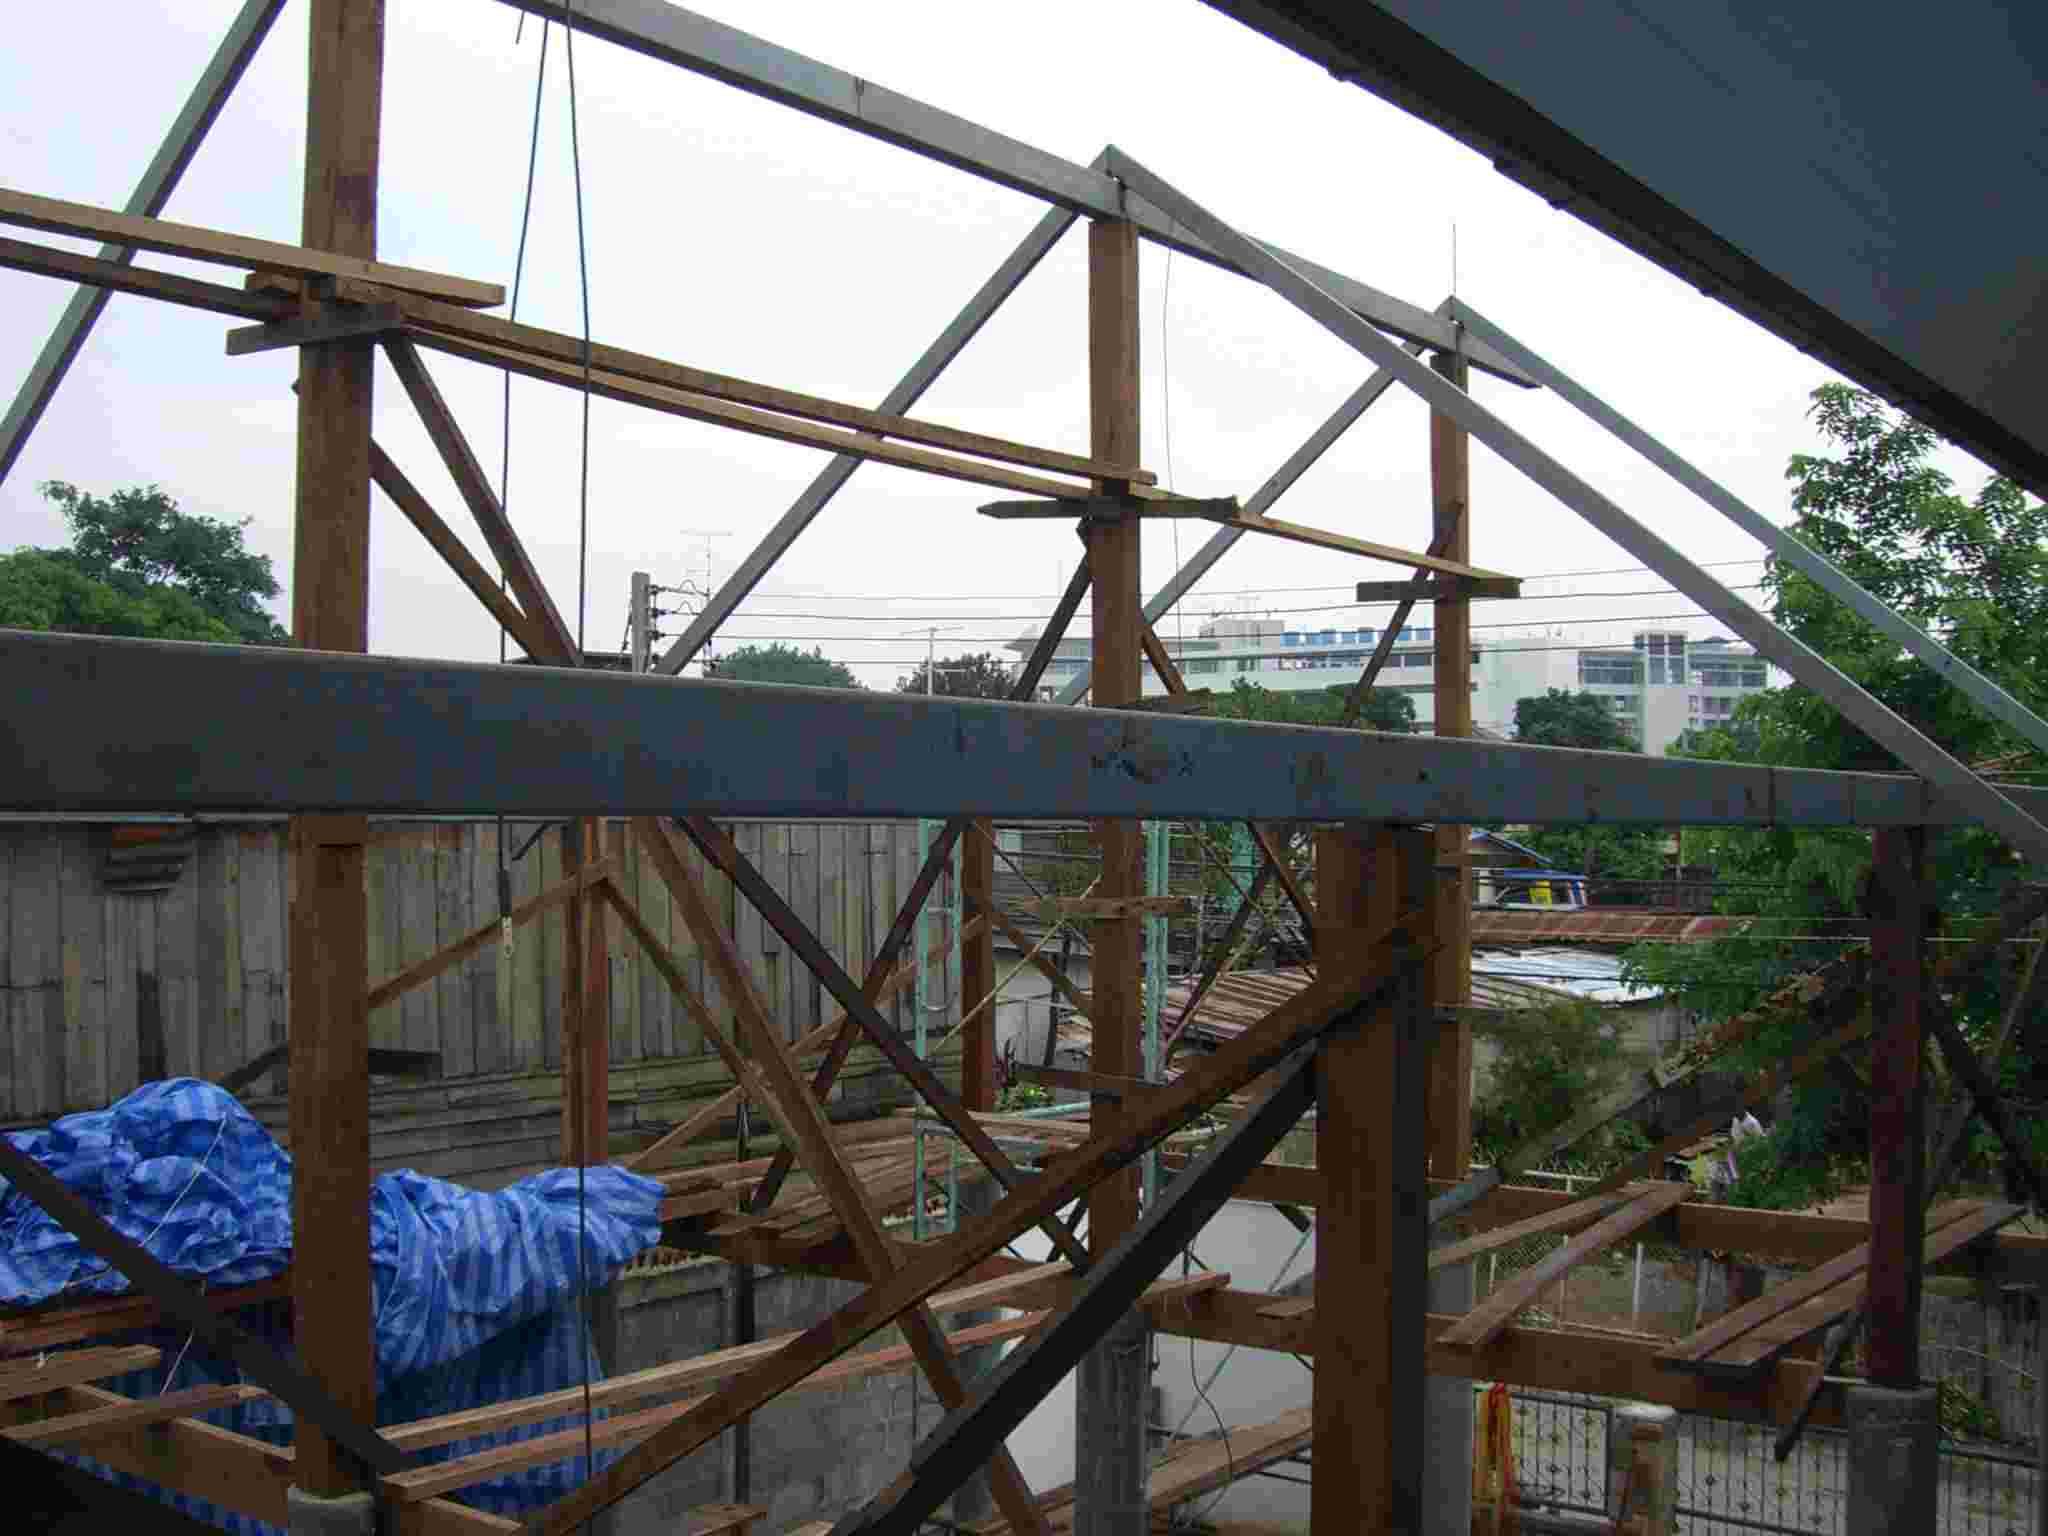 Asien Haus hausbau hausbauen architket architect copyright www.wohnbau-komplett-service.de